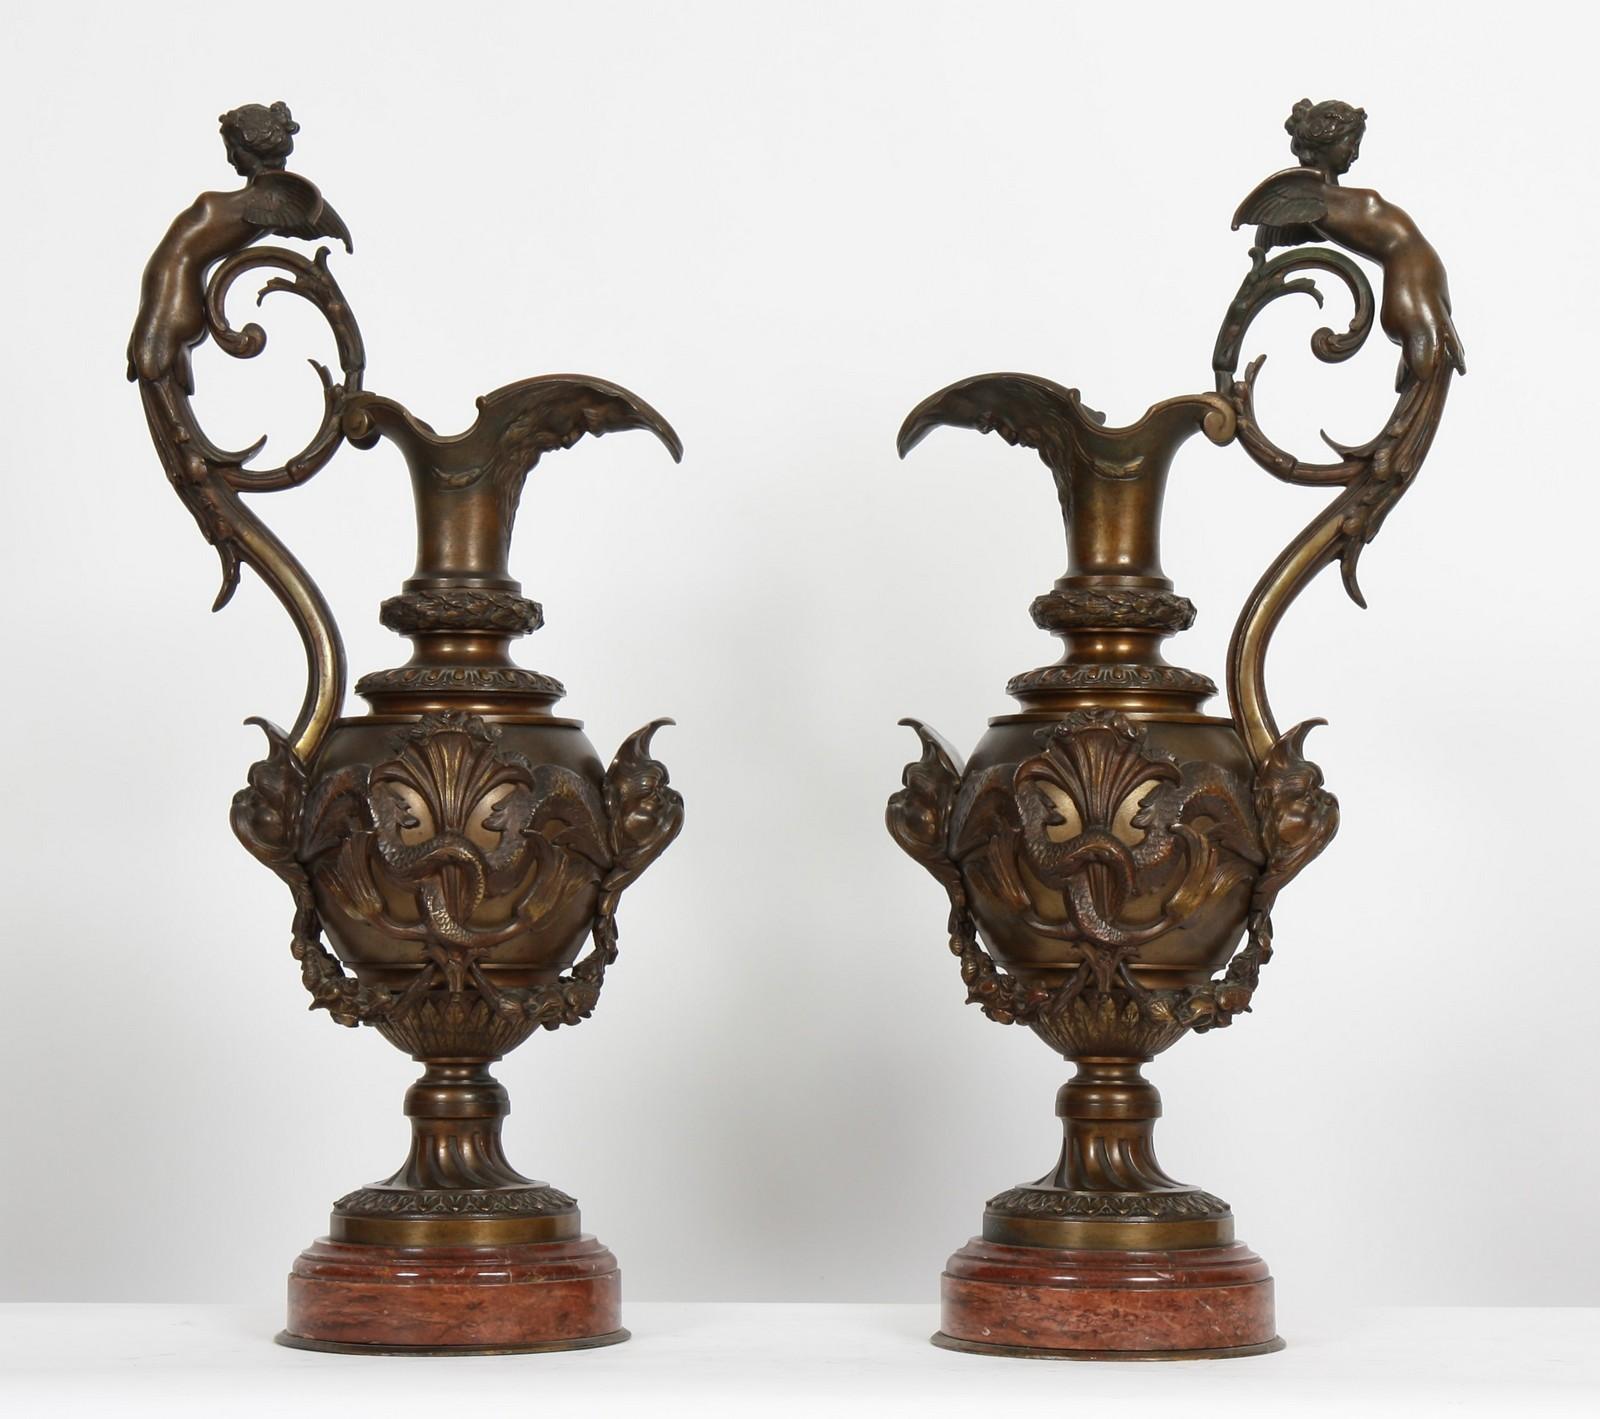 IMPORTANTE PAIRE D'AIGUIERES BRONZE XIXè En bronze à pâtine médaille à riche décor sculpté à